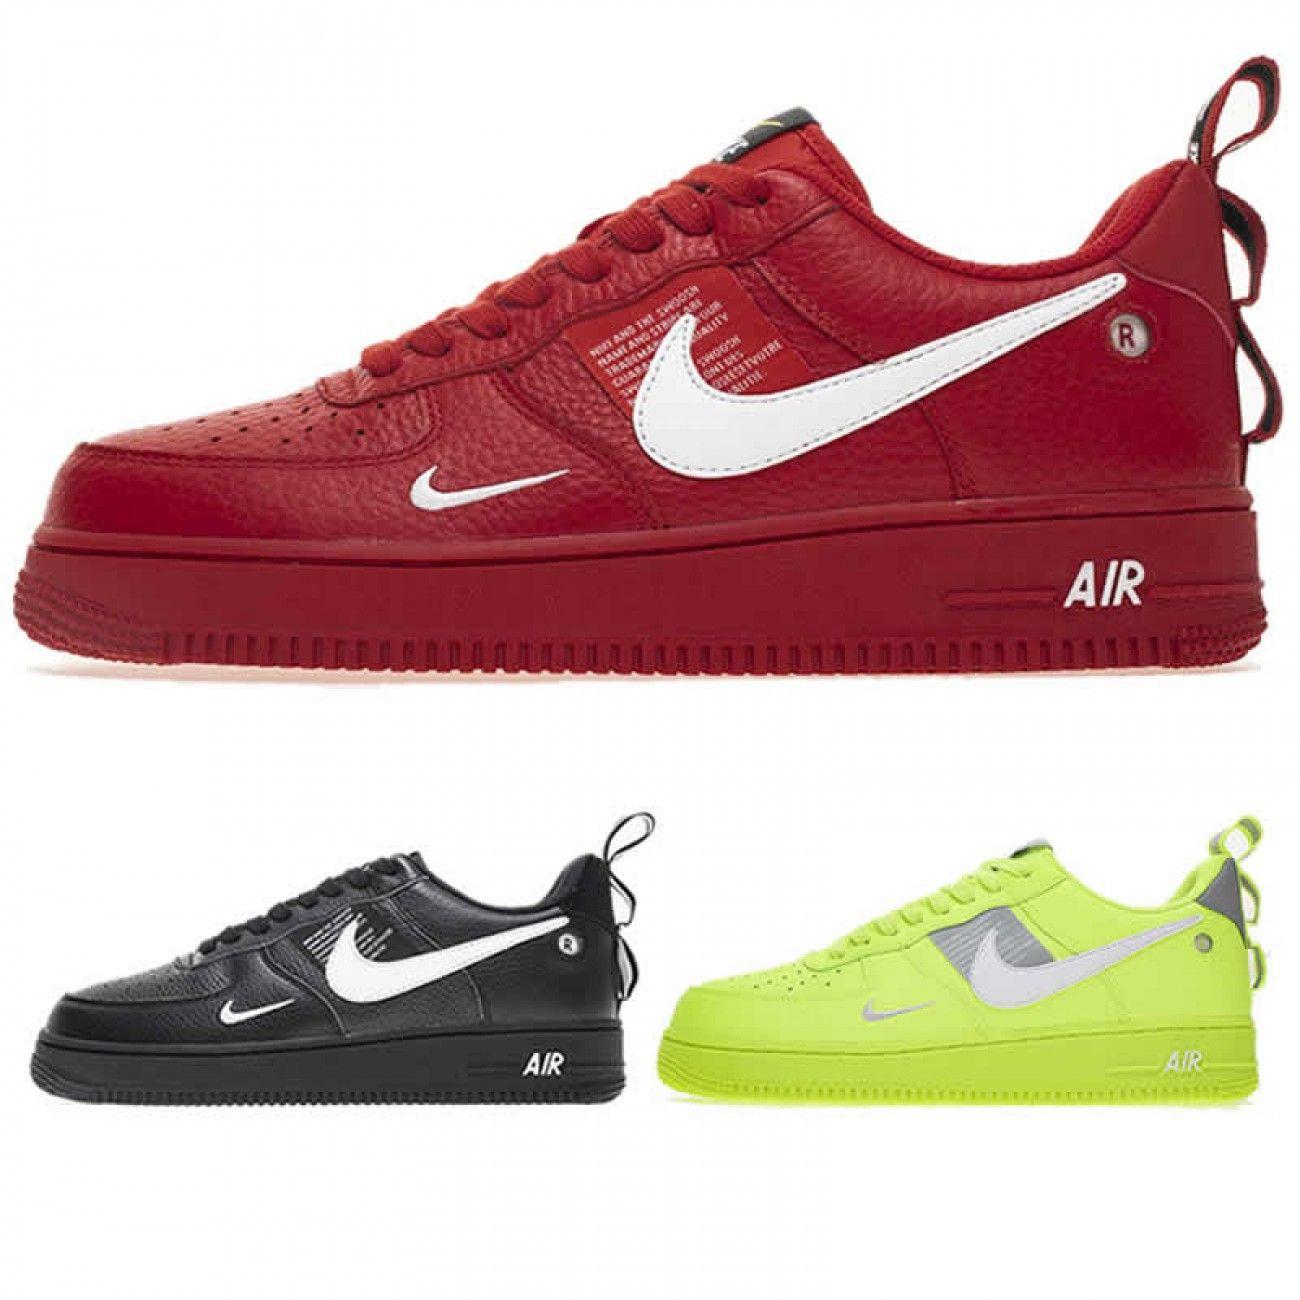 Nike Air Force 1 07 Lv8 Utility Volt Black Red Aj7747 700 Aj7747 001 Aj7747 600 Nike Nike Air Force Air Jordan Shoes